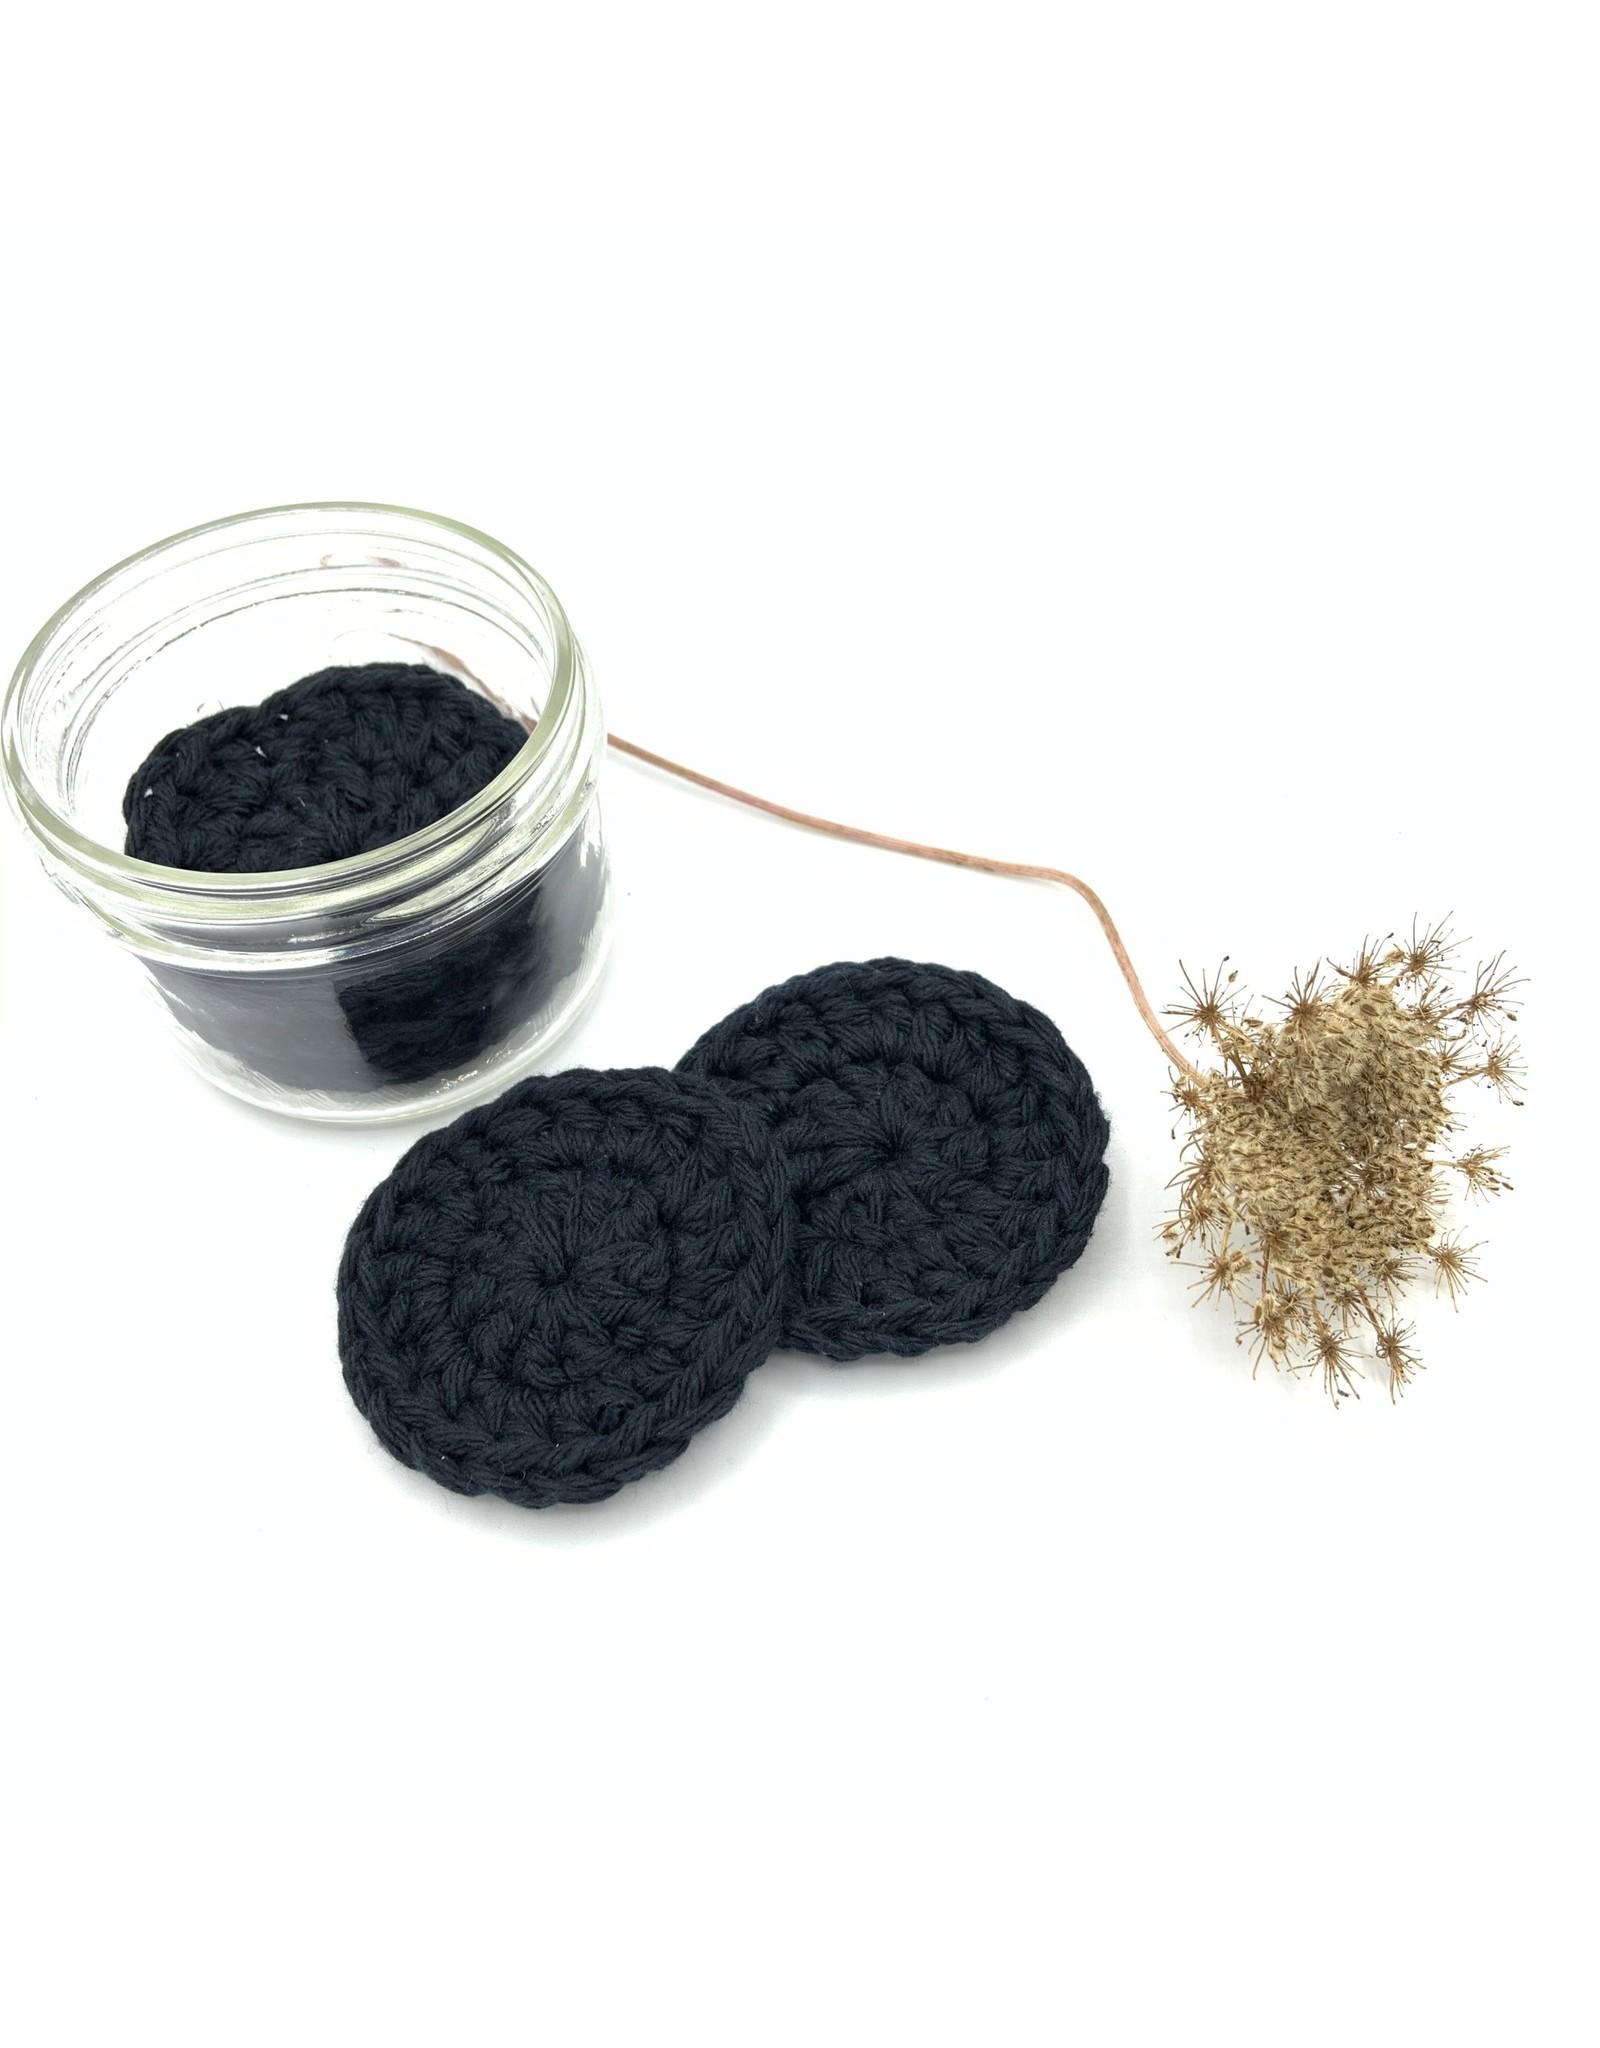 EcoFillosophy Reusable Crochet Cotton Facial Rounds in a Jar (5 Rounds)